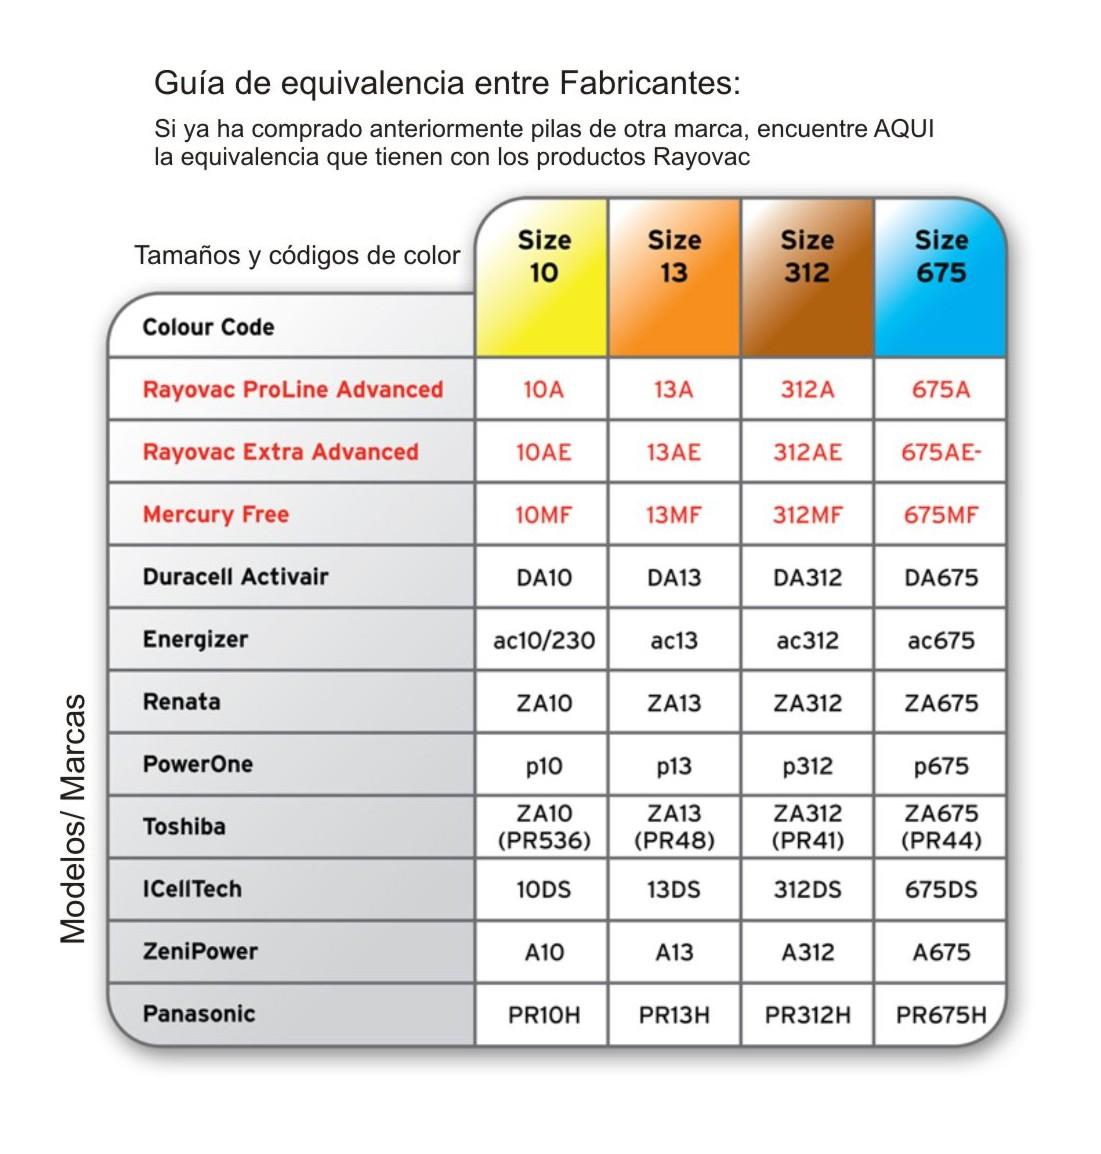 Equivalencia entre RAYOVAC TodoPila y otras Marcas de Pila de Audifono